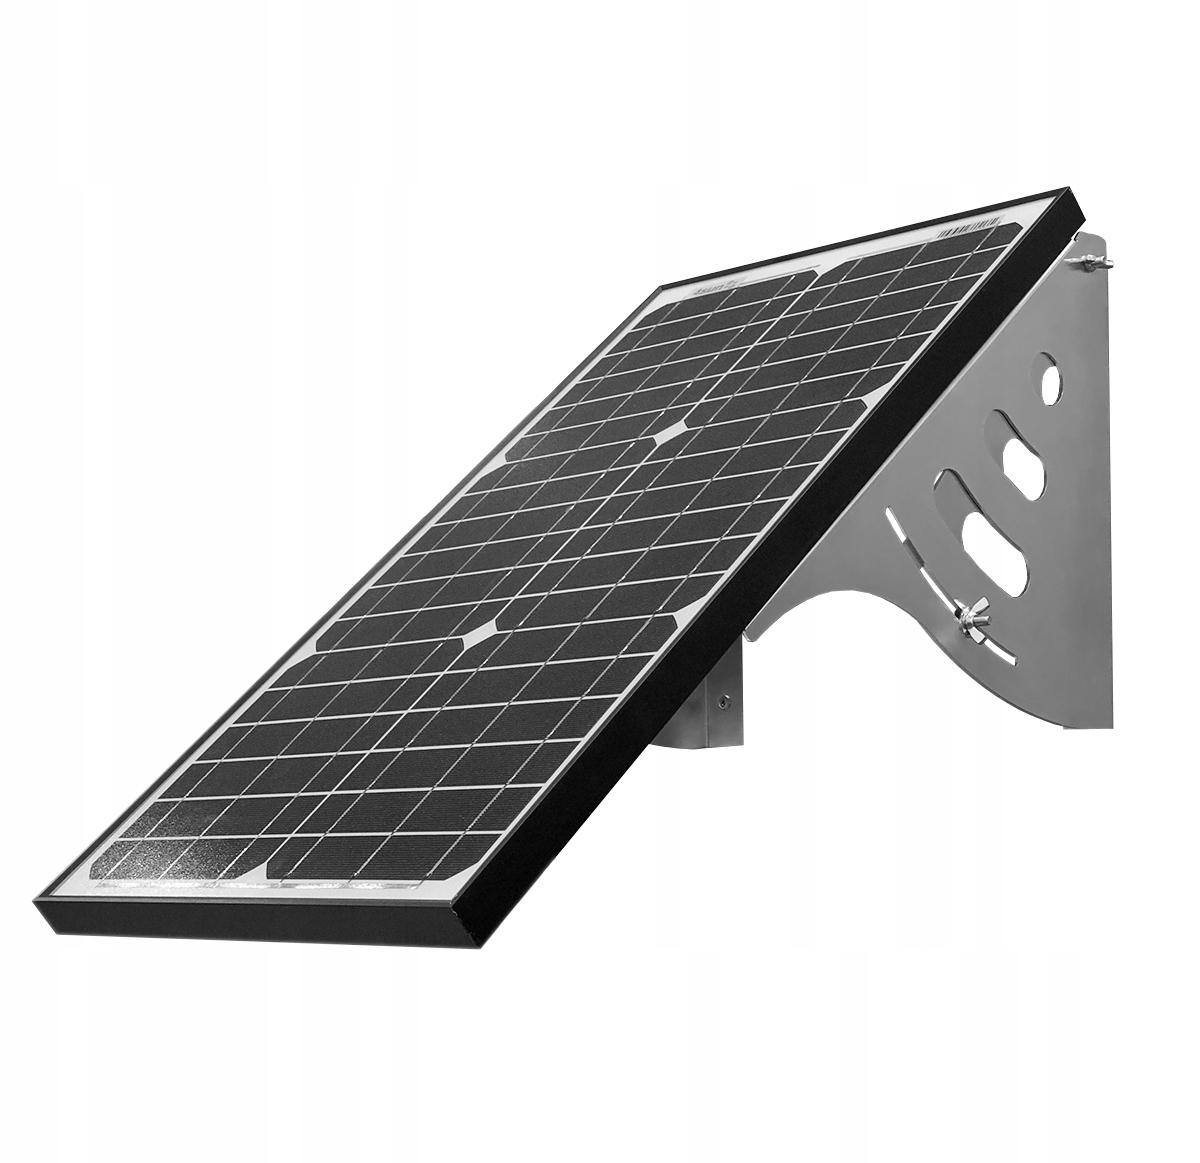 Uchwyt montażowy paneli solarnych solar rególowany